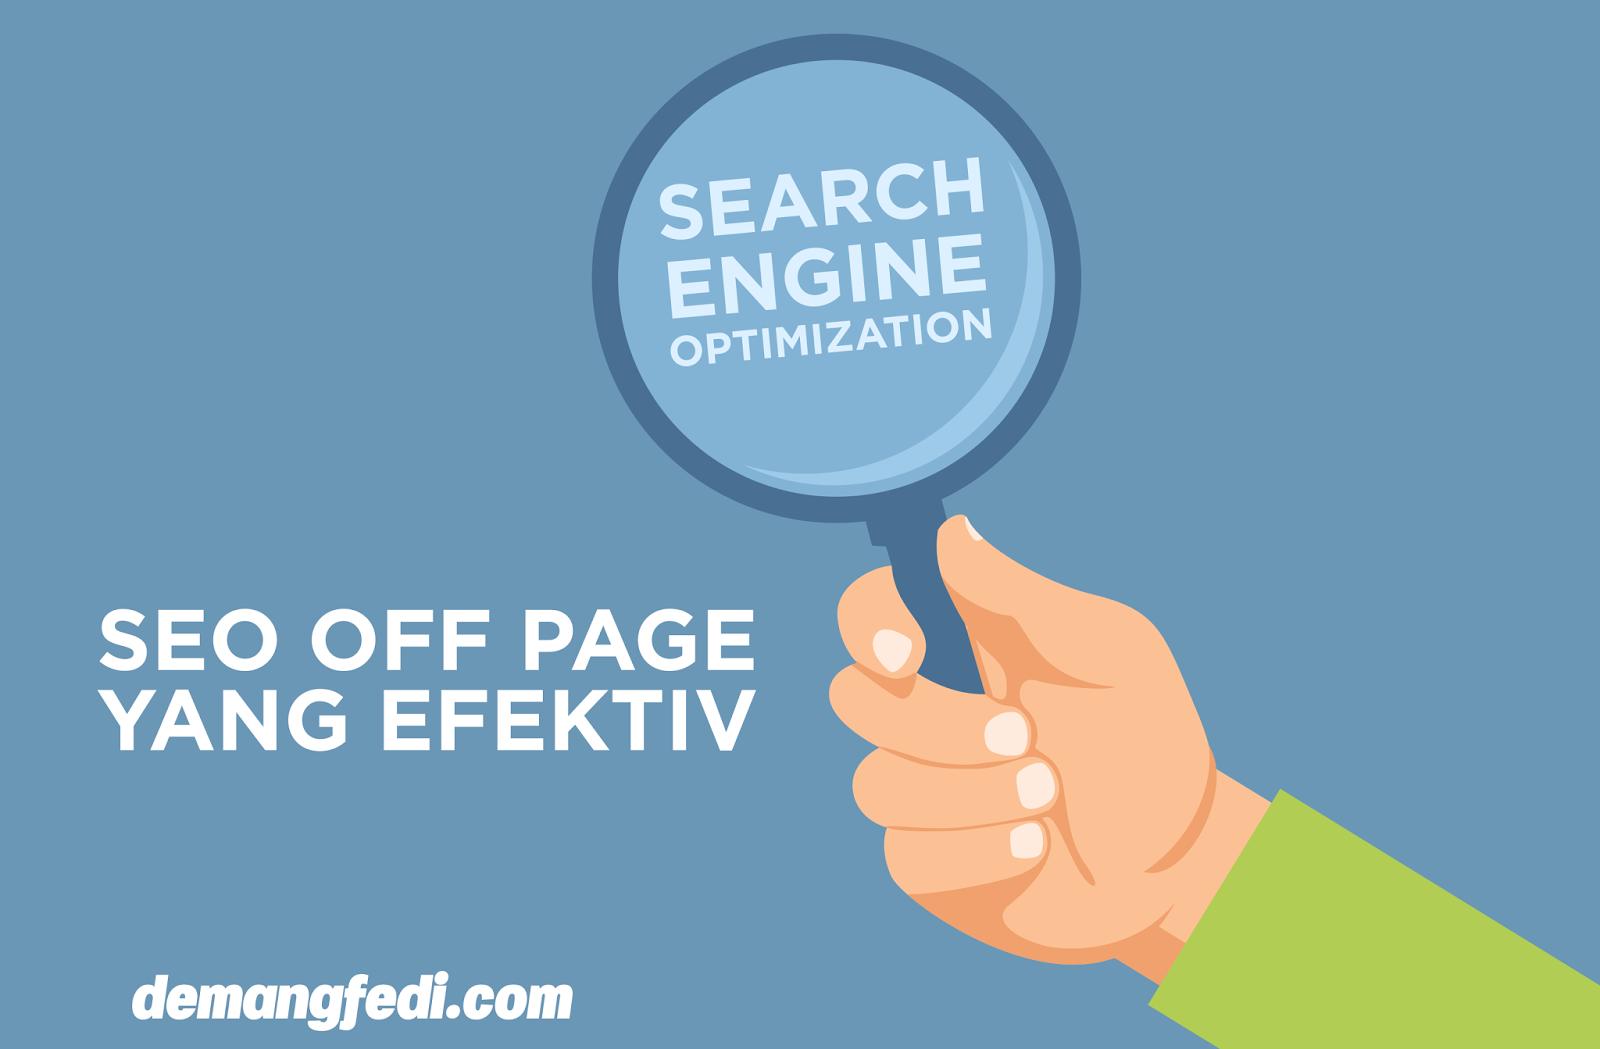 SEO Off Page Yang Efektif